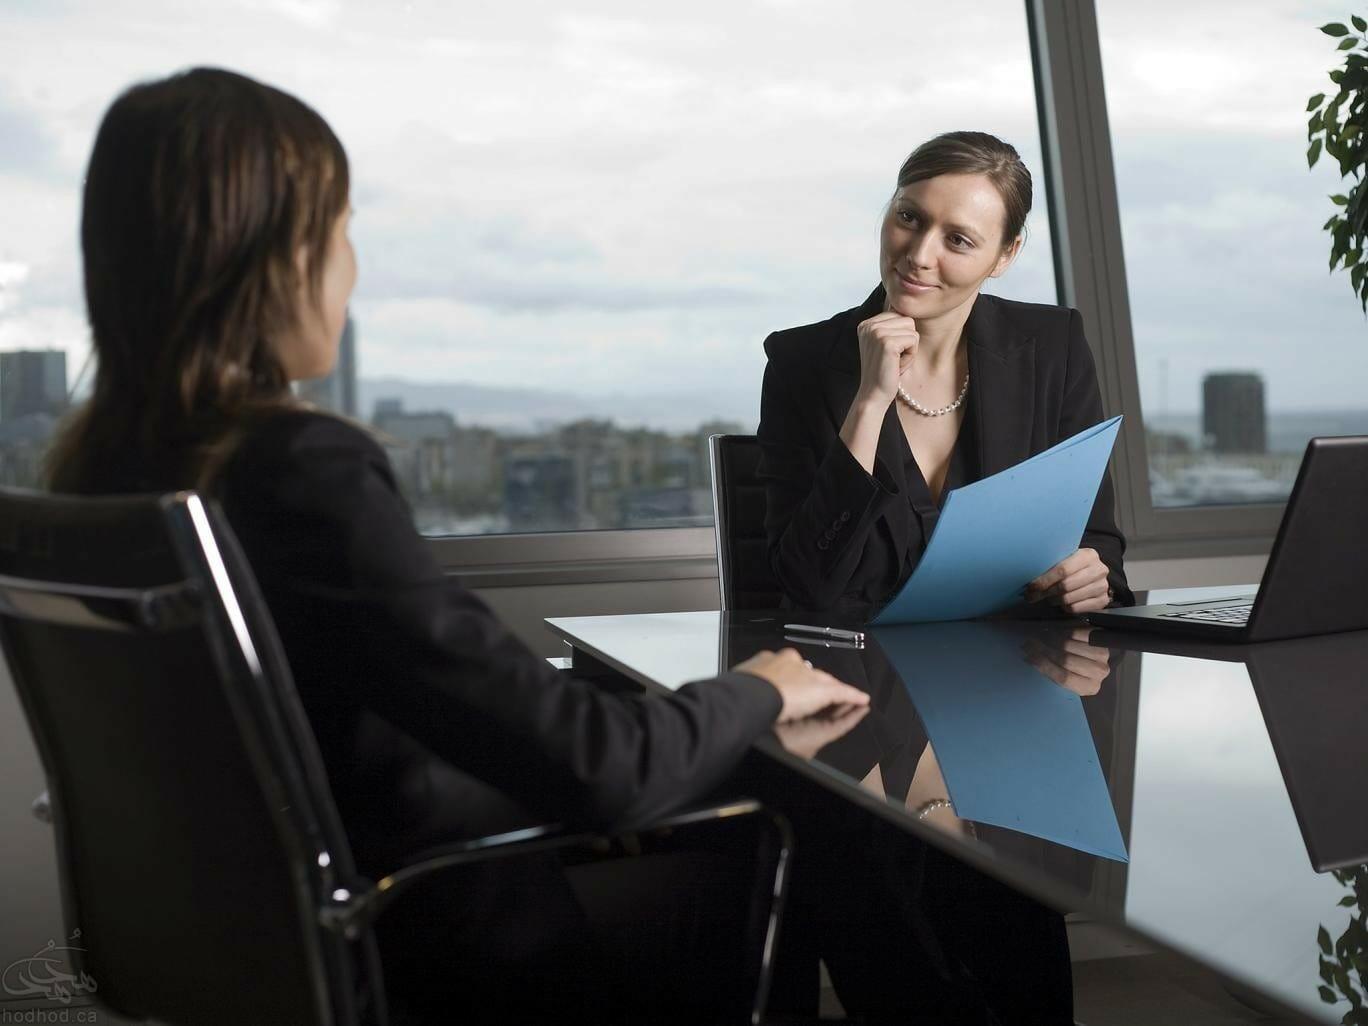 3 سوال مهمی که باید در مصاحبه شغلی پیش از آغاز بپرسید